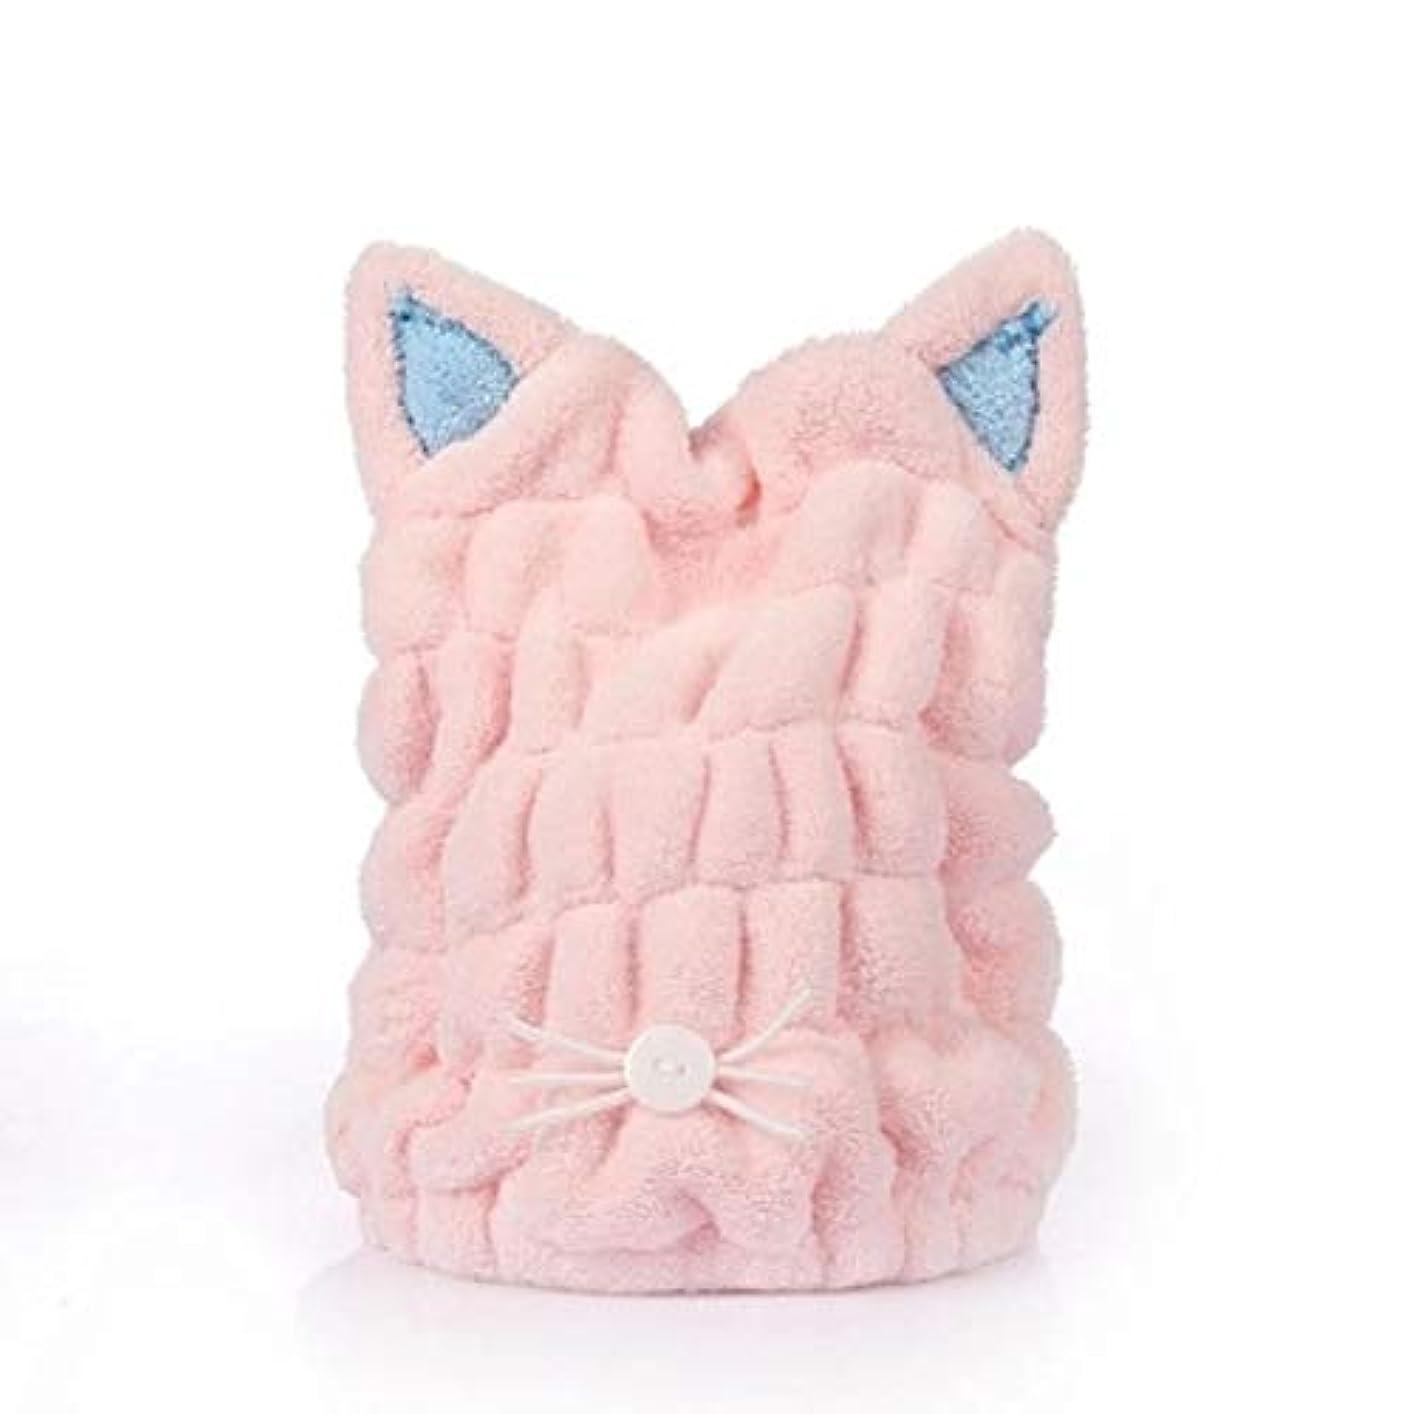 落ち着くコインミシンOnior タオルキャップ 猫耳 ヘアドライキャップ 吸水 乾燥用 かわいい マイクロファイバー ふわふわ アニマル タオル お風呂用 (ピンク)